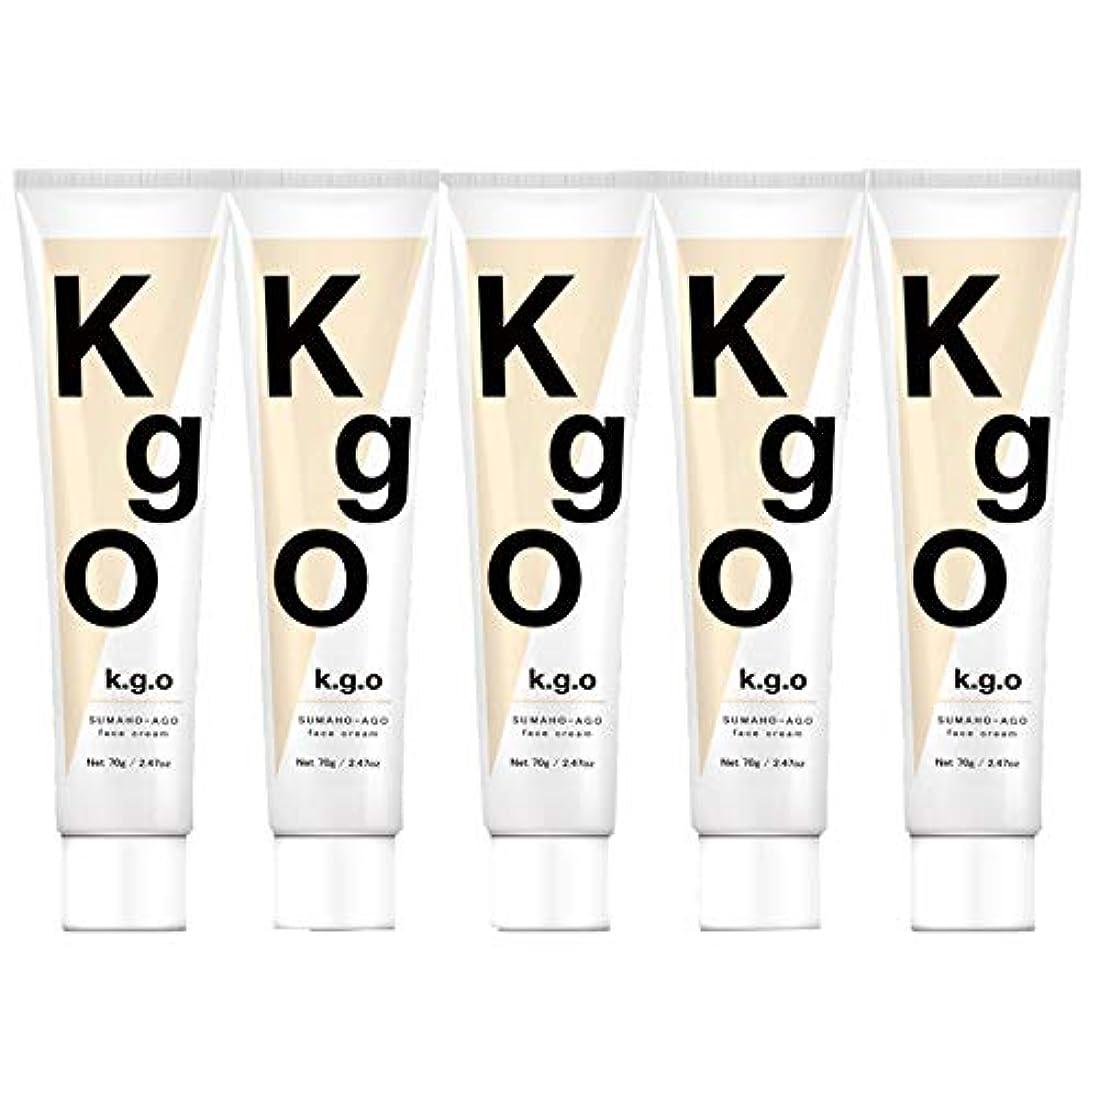 平らな自分自身間隔K.g.O SUMAHO-AGO face cream ケージーオー スマホあご フェイスクリーム 70g (5本セット)